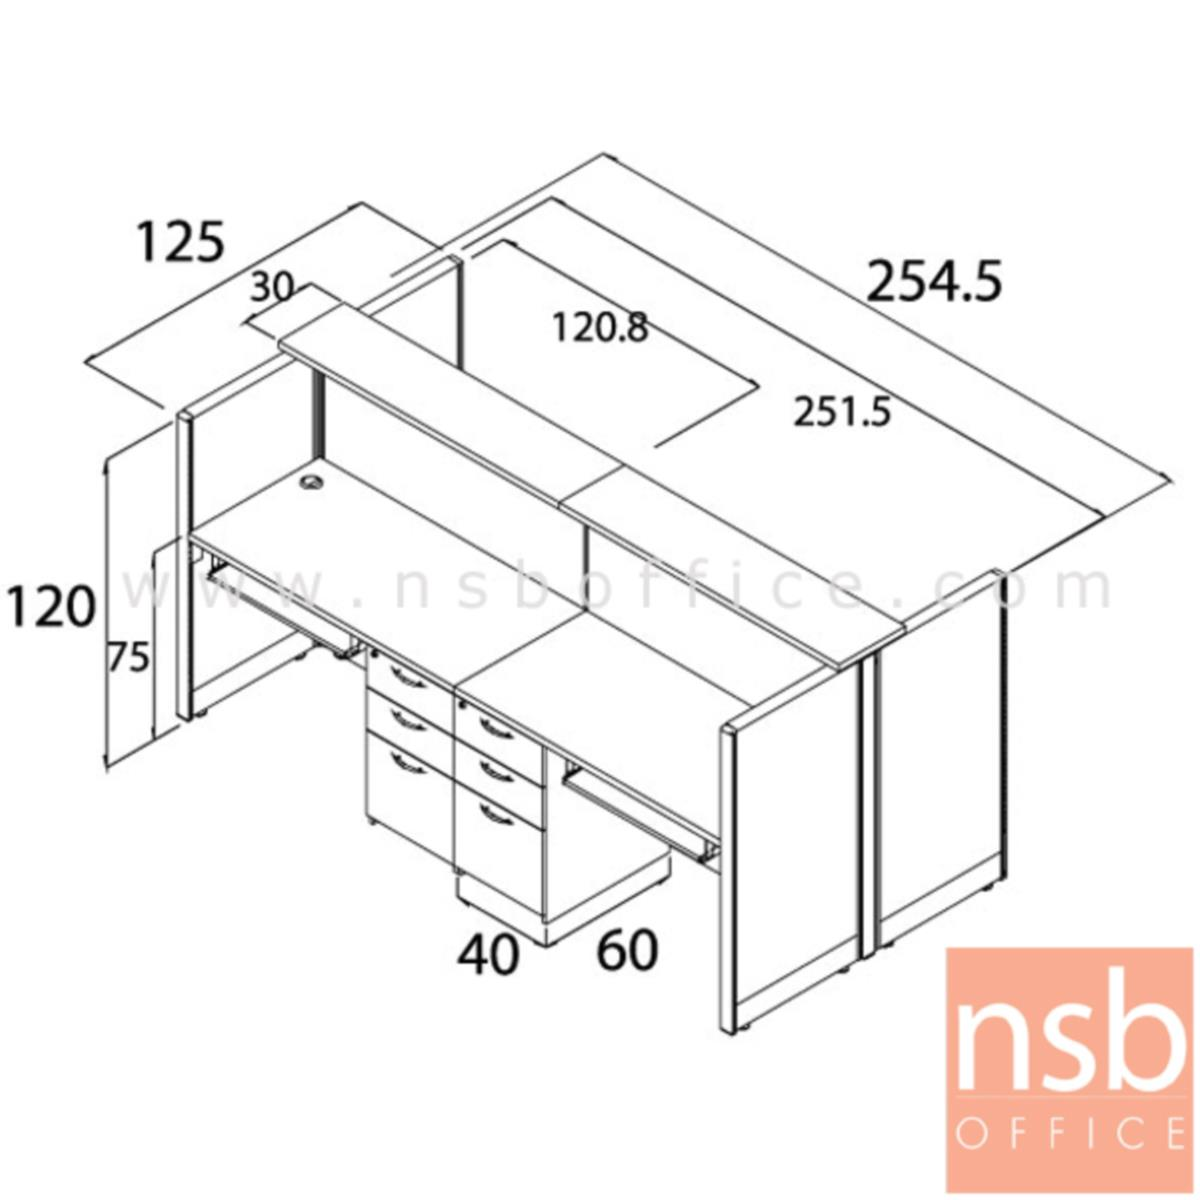 ชุดโต๊ะทำงานกลุ่ม 4 ที่นั่ง   ขนาด 254W cm. พร้อมพาร์ทิชั่น Hybrid และลิ้นชักขาทึบ